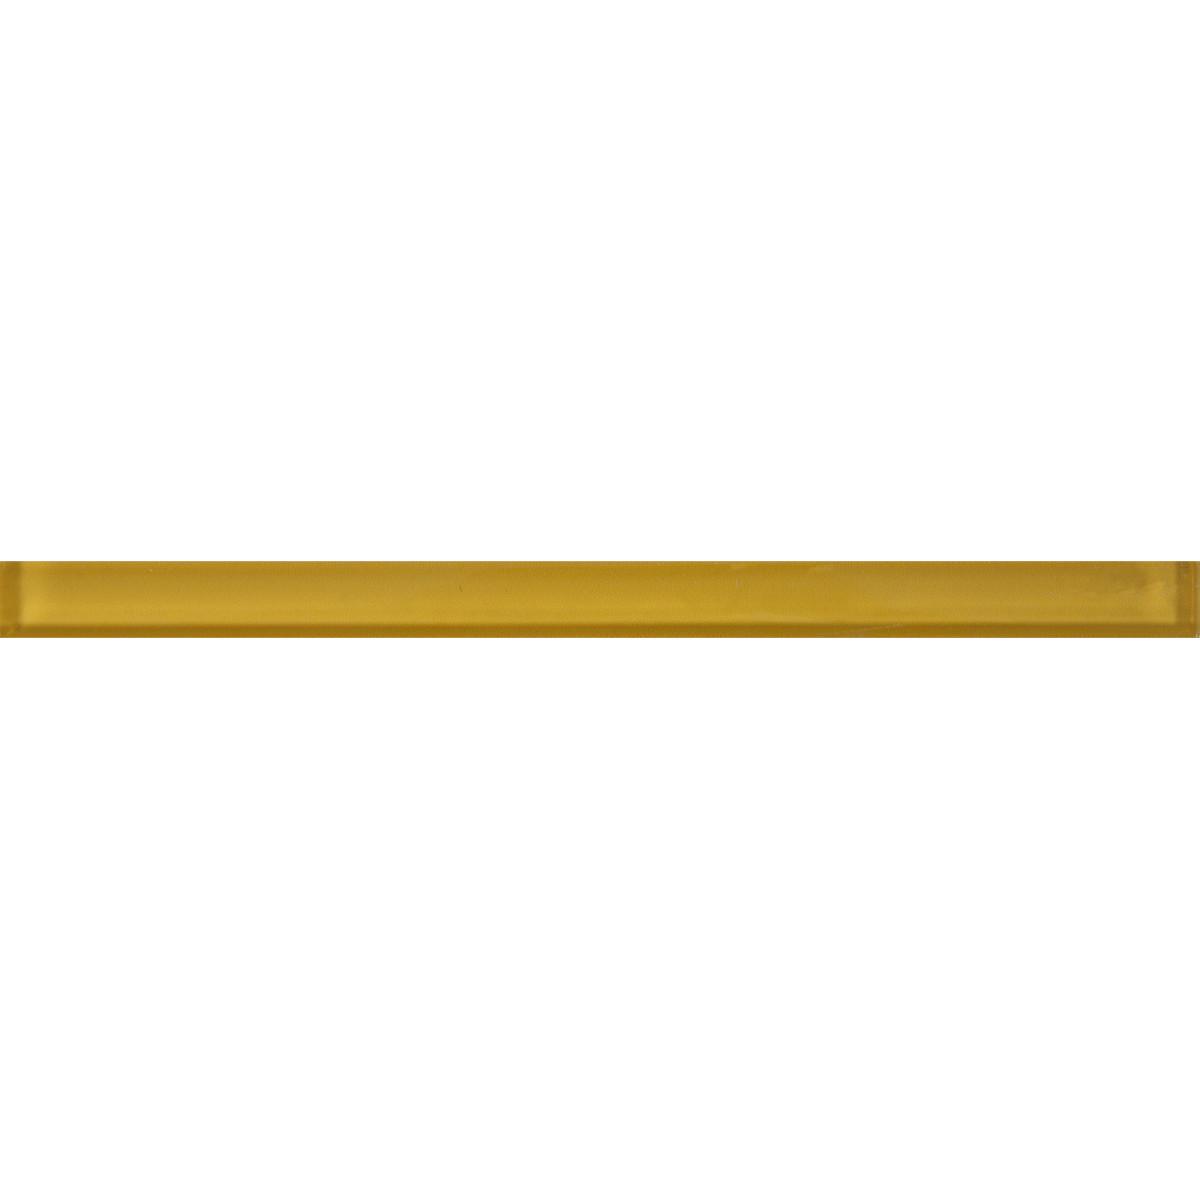 Бордюр «Gerbera Mono» 30х2 см стекло цвет жёлтый